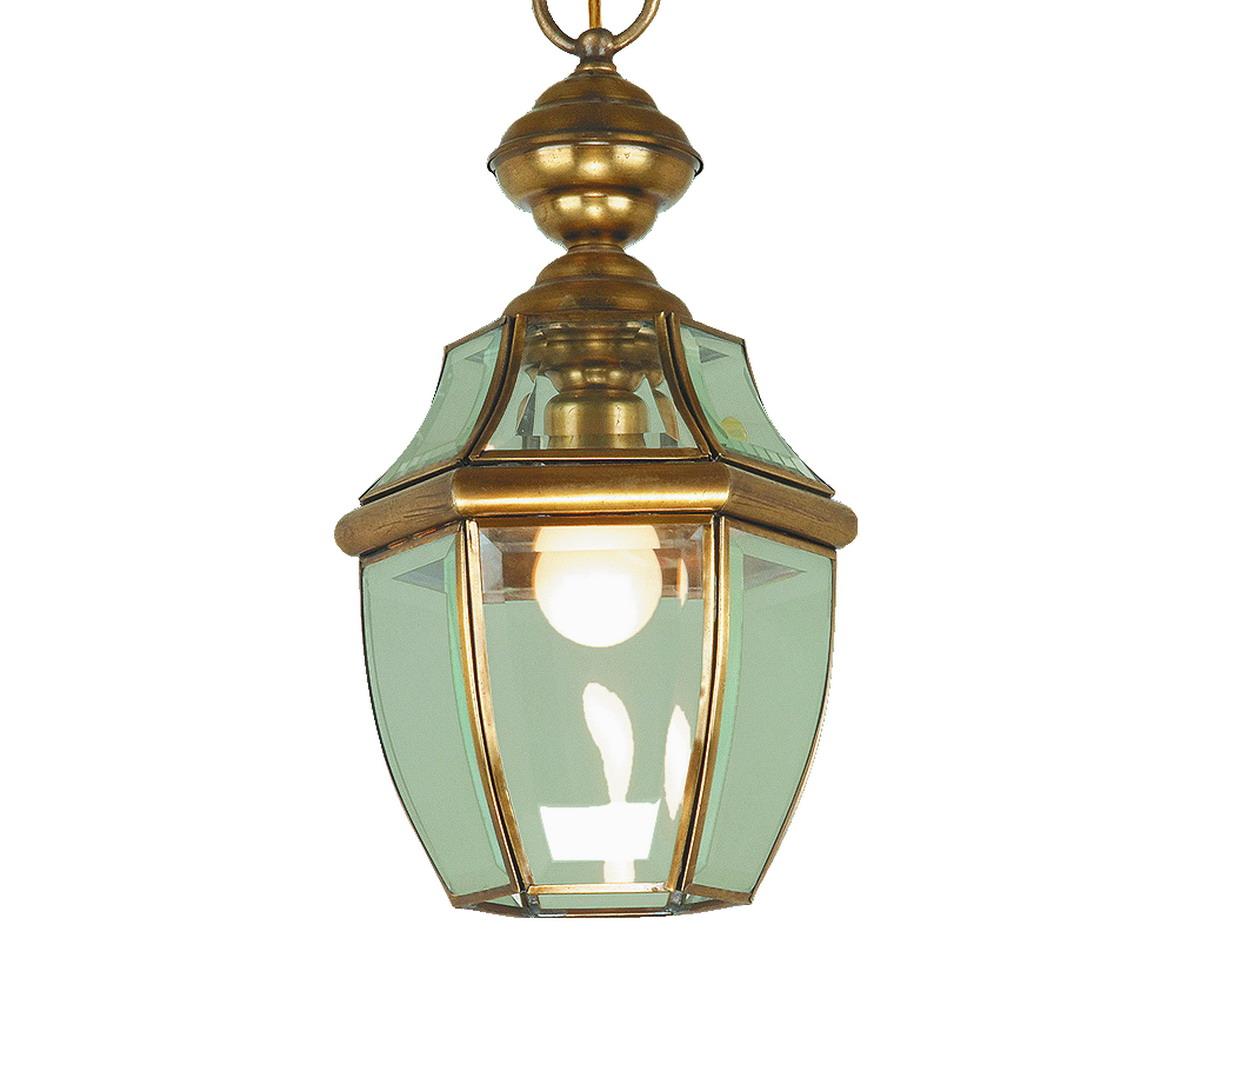 Люстра МАКСИСВЕТЛюстры<br>Назначение светильника: для комнаты,<br>Стиль светильника: модерн,<br>Тип: потолочная,<br>Материал светильника: металл, стекло,<br>Материал плафона: стекло,<br>Материал арматуры: металл,<br>Длина (мм): 300,<br>Ширина: 190,<br>Высота: 1400,<br>Количество ламп: 1,<br>Тип лампы: накаливания,<br>Мощность: 60,<br>Патрон: Е27,<br>Пульт ДУ: нет,<br>Цвет арматуры: медь<br>